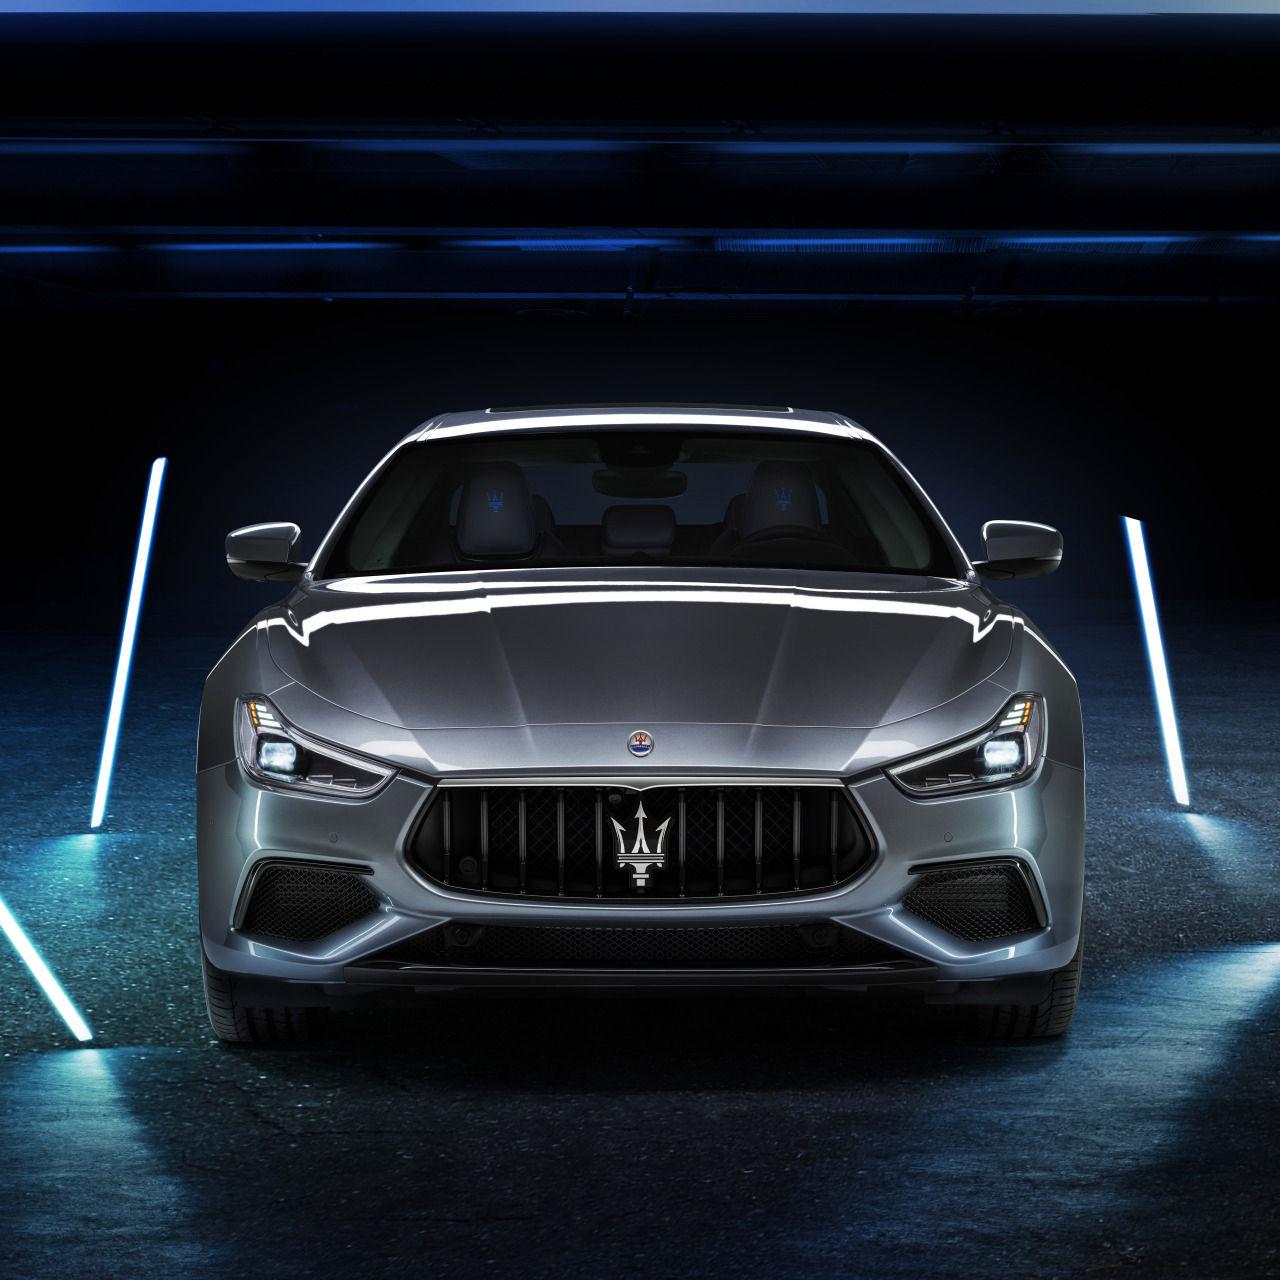 Maserati Ghibli Hybrid - Grau - Frontansicht 2Maserati Ghibli Hybrid - Grau - Frontansicht 2